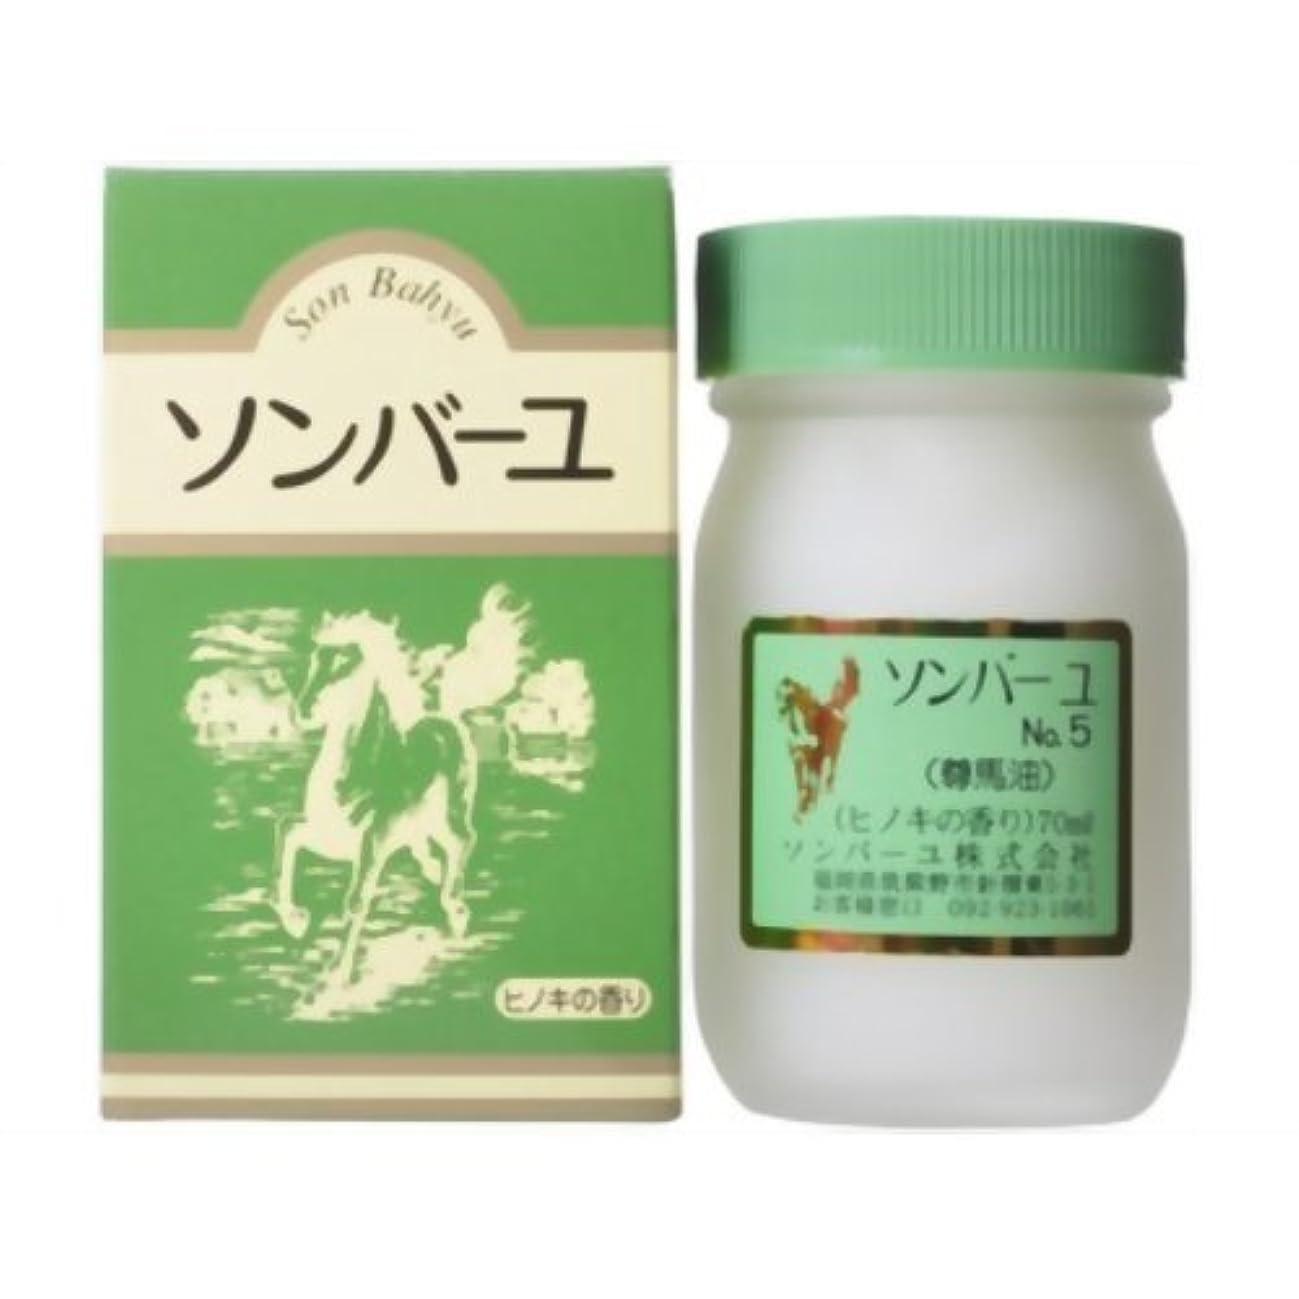 ペースシャークドラッグソンバーユ ヒノキの香り 70ml